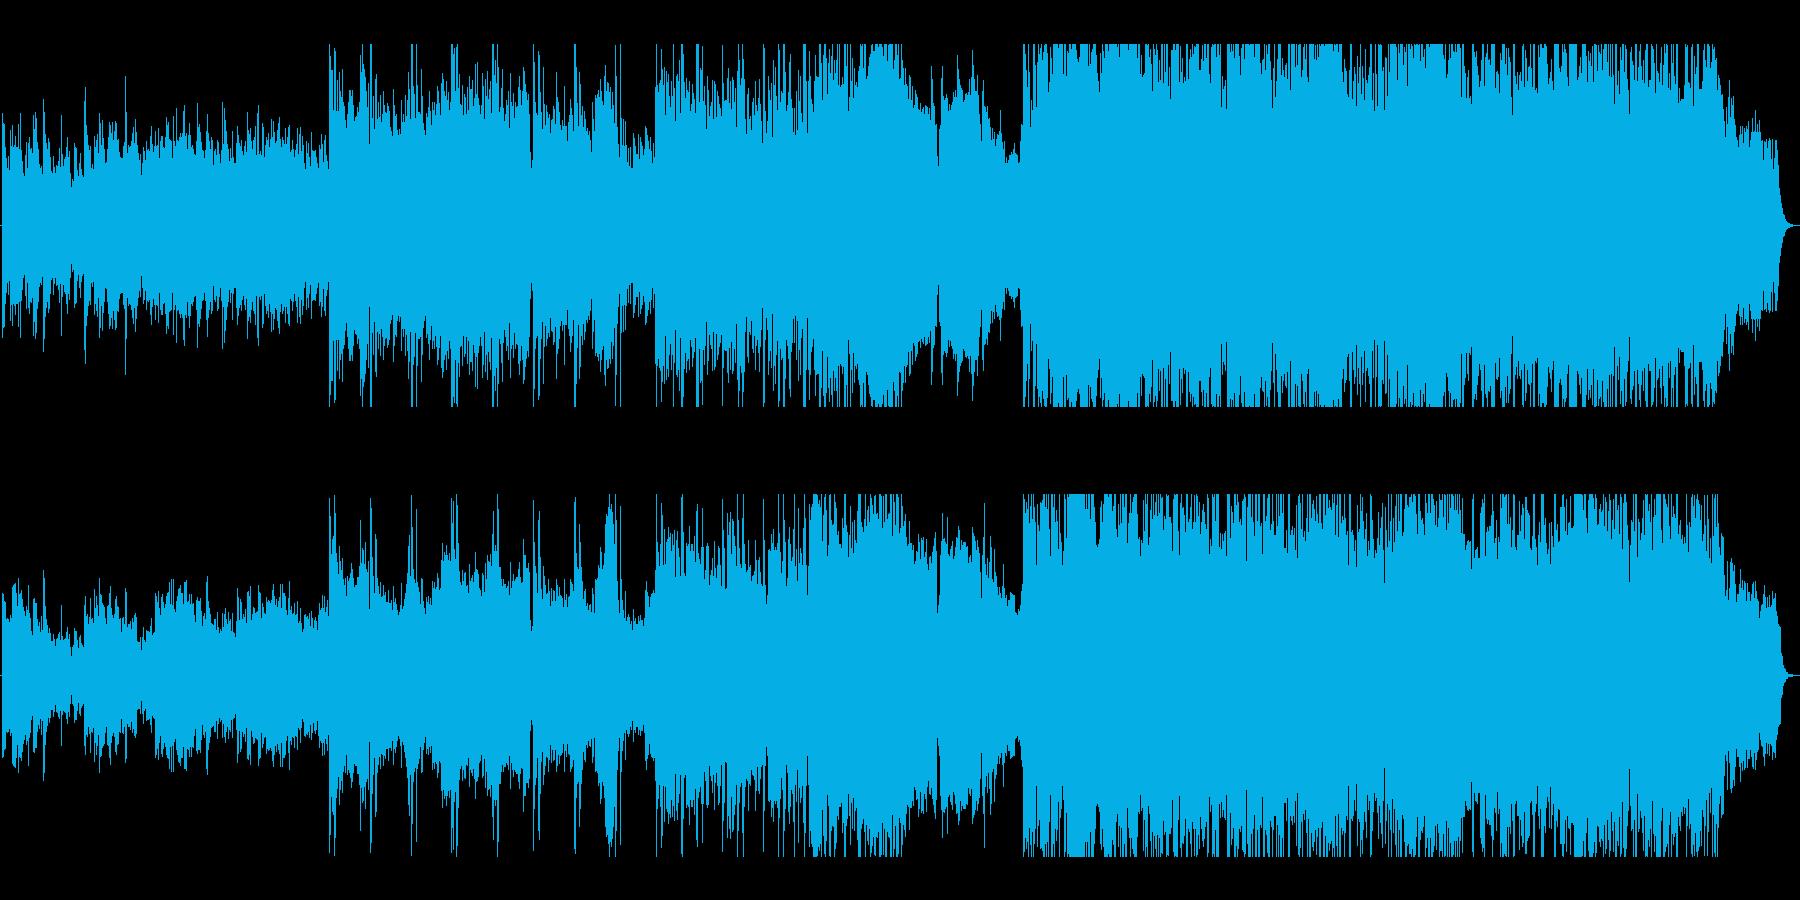 冬の温度を感じるアコギとピアノのバラードの再生済みの波形